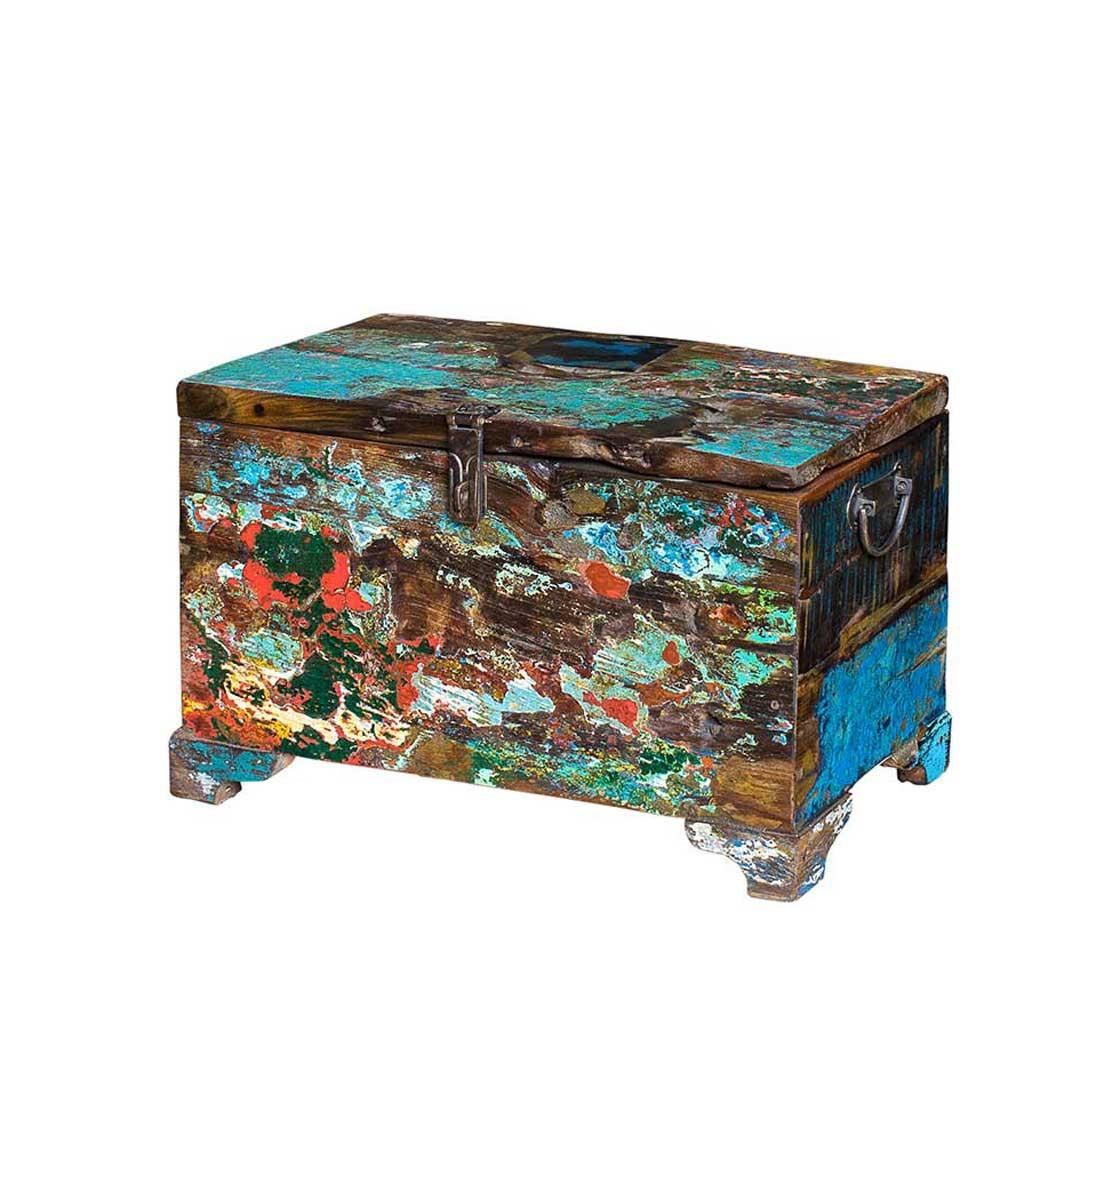 Сундук ГалаСтаринные сундуки<br>Сундук для хранения вещей, выполненный из старой рыбацкой лодки с сохранением оригинальной многослойной окраски. Имеет откидывающуюся дверцу с замком. Подходит для использования как внутри помещения, так и снаружи. Сборка не требуется. Предмет изготовлен из ценных твердых пород древесины (тик, махогон, суар), обладающих высокой износостойкостью, долговечностью и водоотталкивающими свойствами. Подходит для использования как внутри помещения, так и снаружи. Покрыт натуральным шеллаком.<br><br>Material: Тик<br>Ширина см: 50.0<br>Высота см: 25.0<br>Глубина см: 25.0